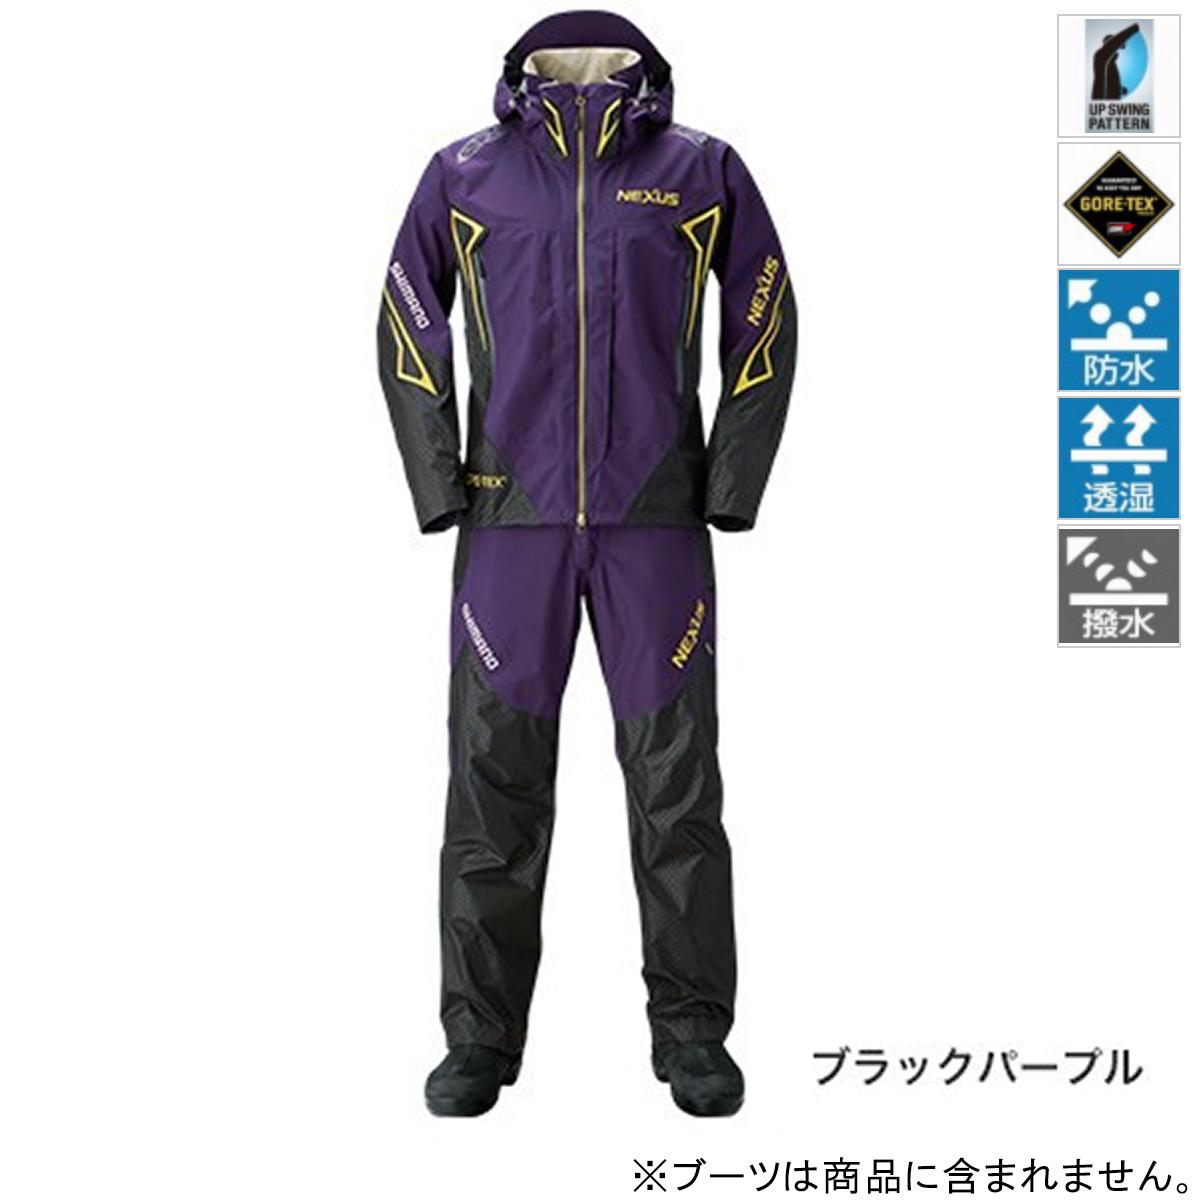 シマノ NEXUS GORE-TEX レインスーツ EX RA-119R XL ブラックパープル